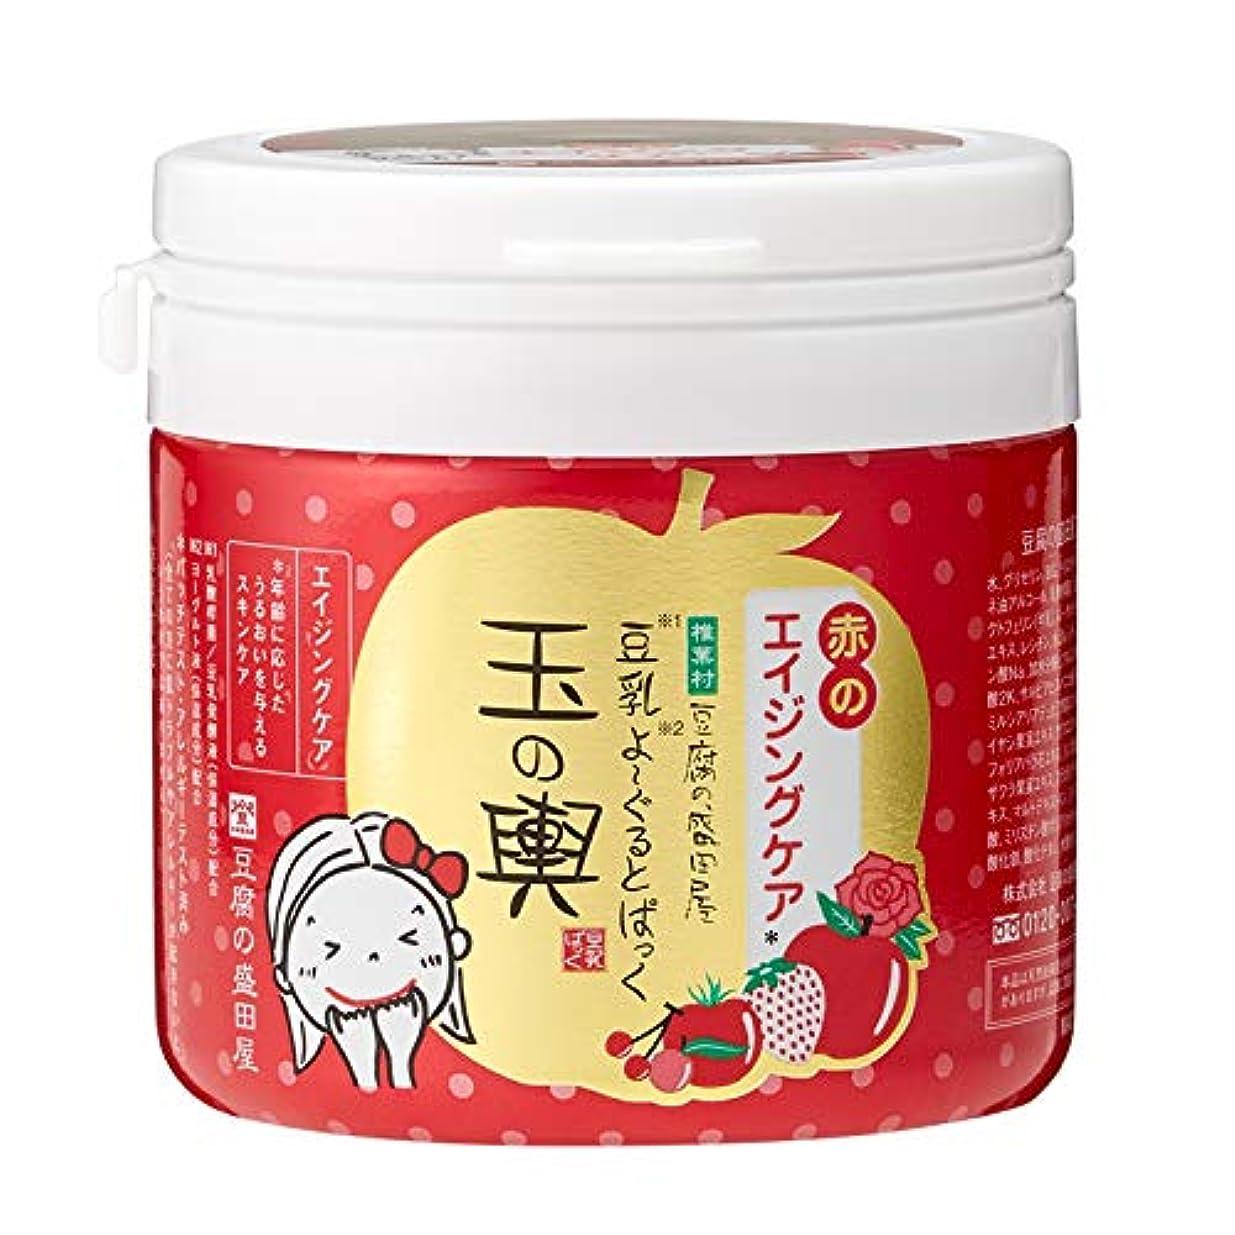 アルコーブ提出する好戦的な豆腐の盛田屋 豆乳よーぐるとぱっく 玉の輿 赤のエイジングケア 150g